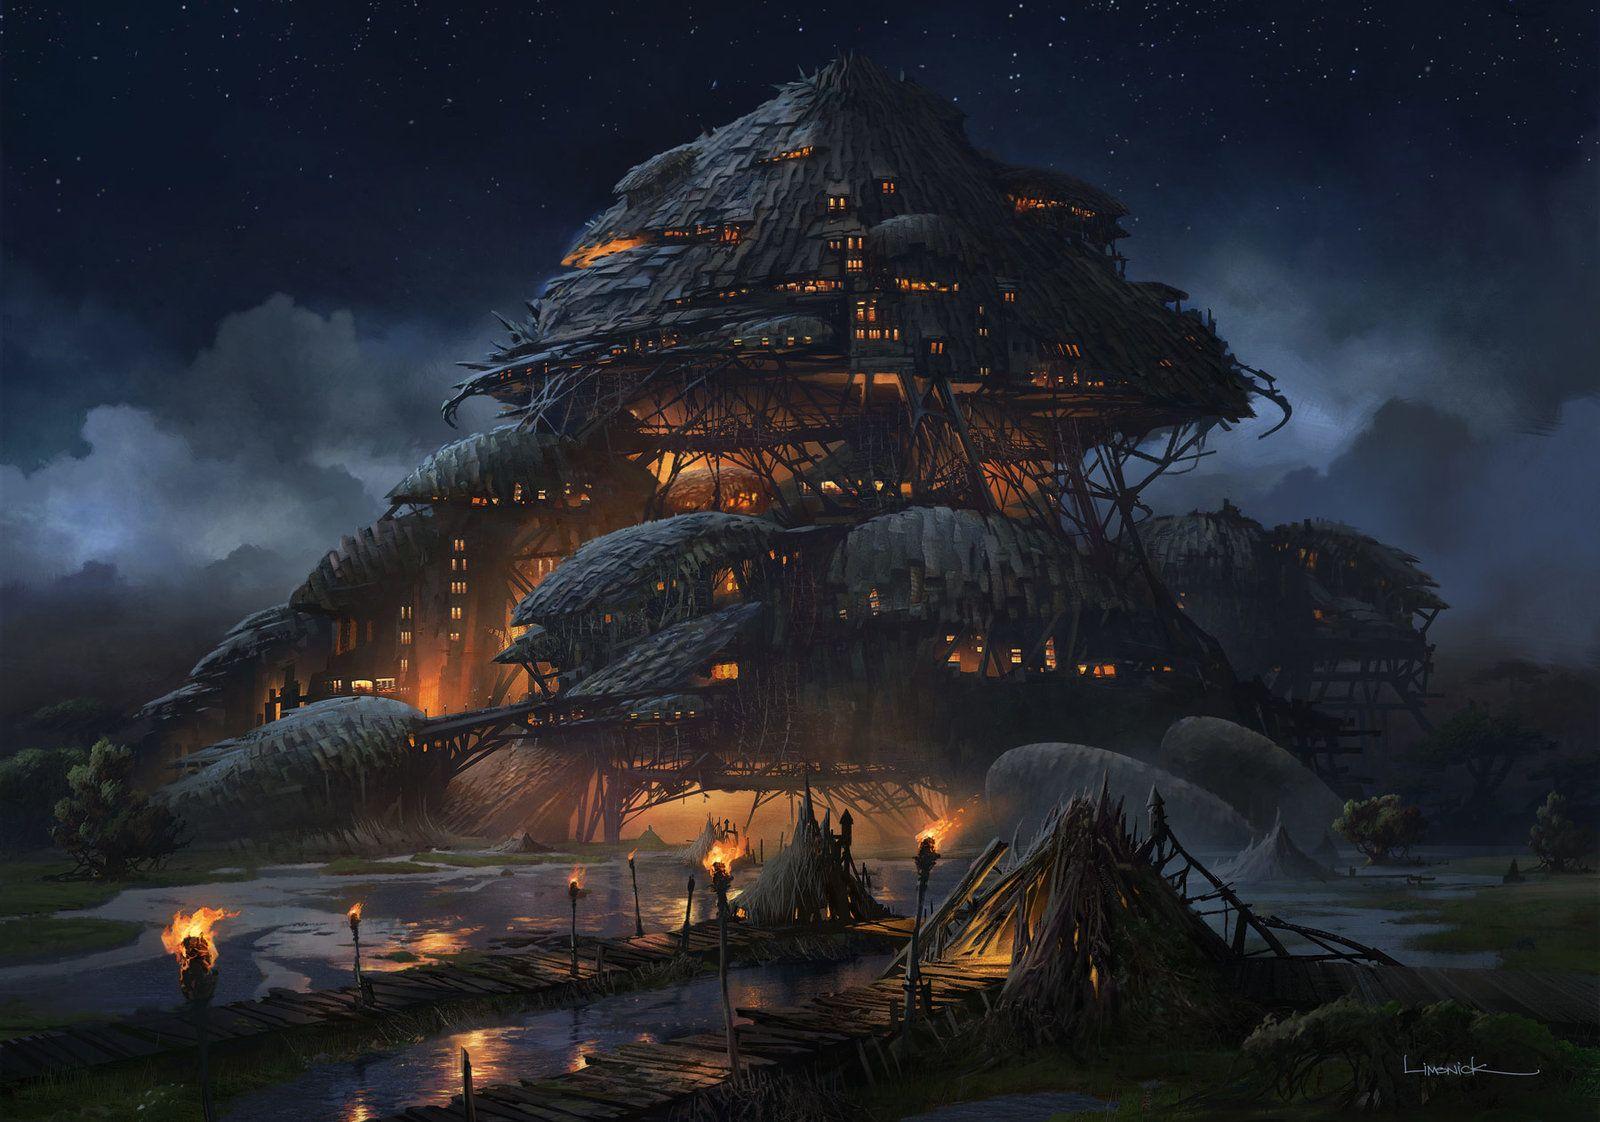 Marsh Fortress, Aaron Limonick on ArtStation at https://www.artstation.com/artwork/marsh-fortress